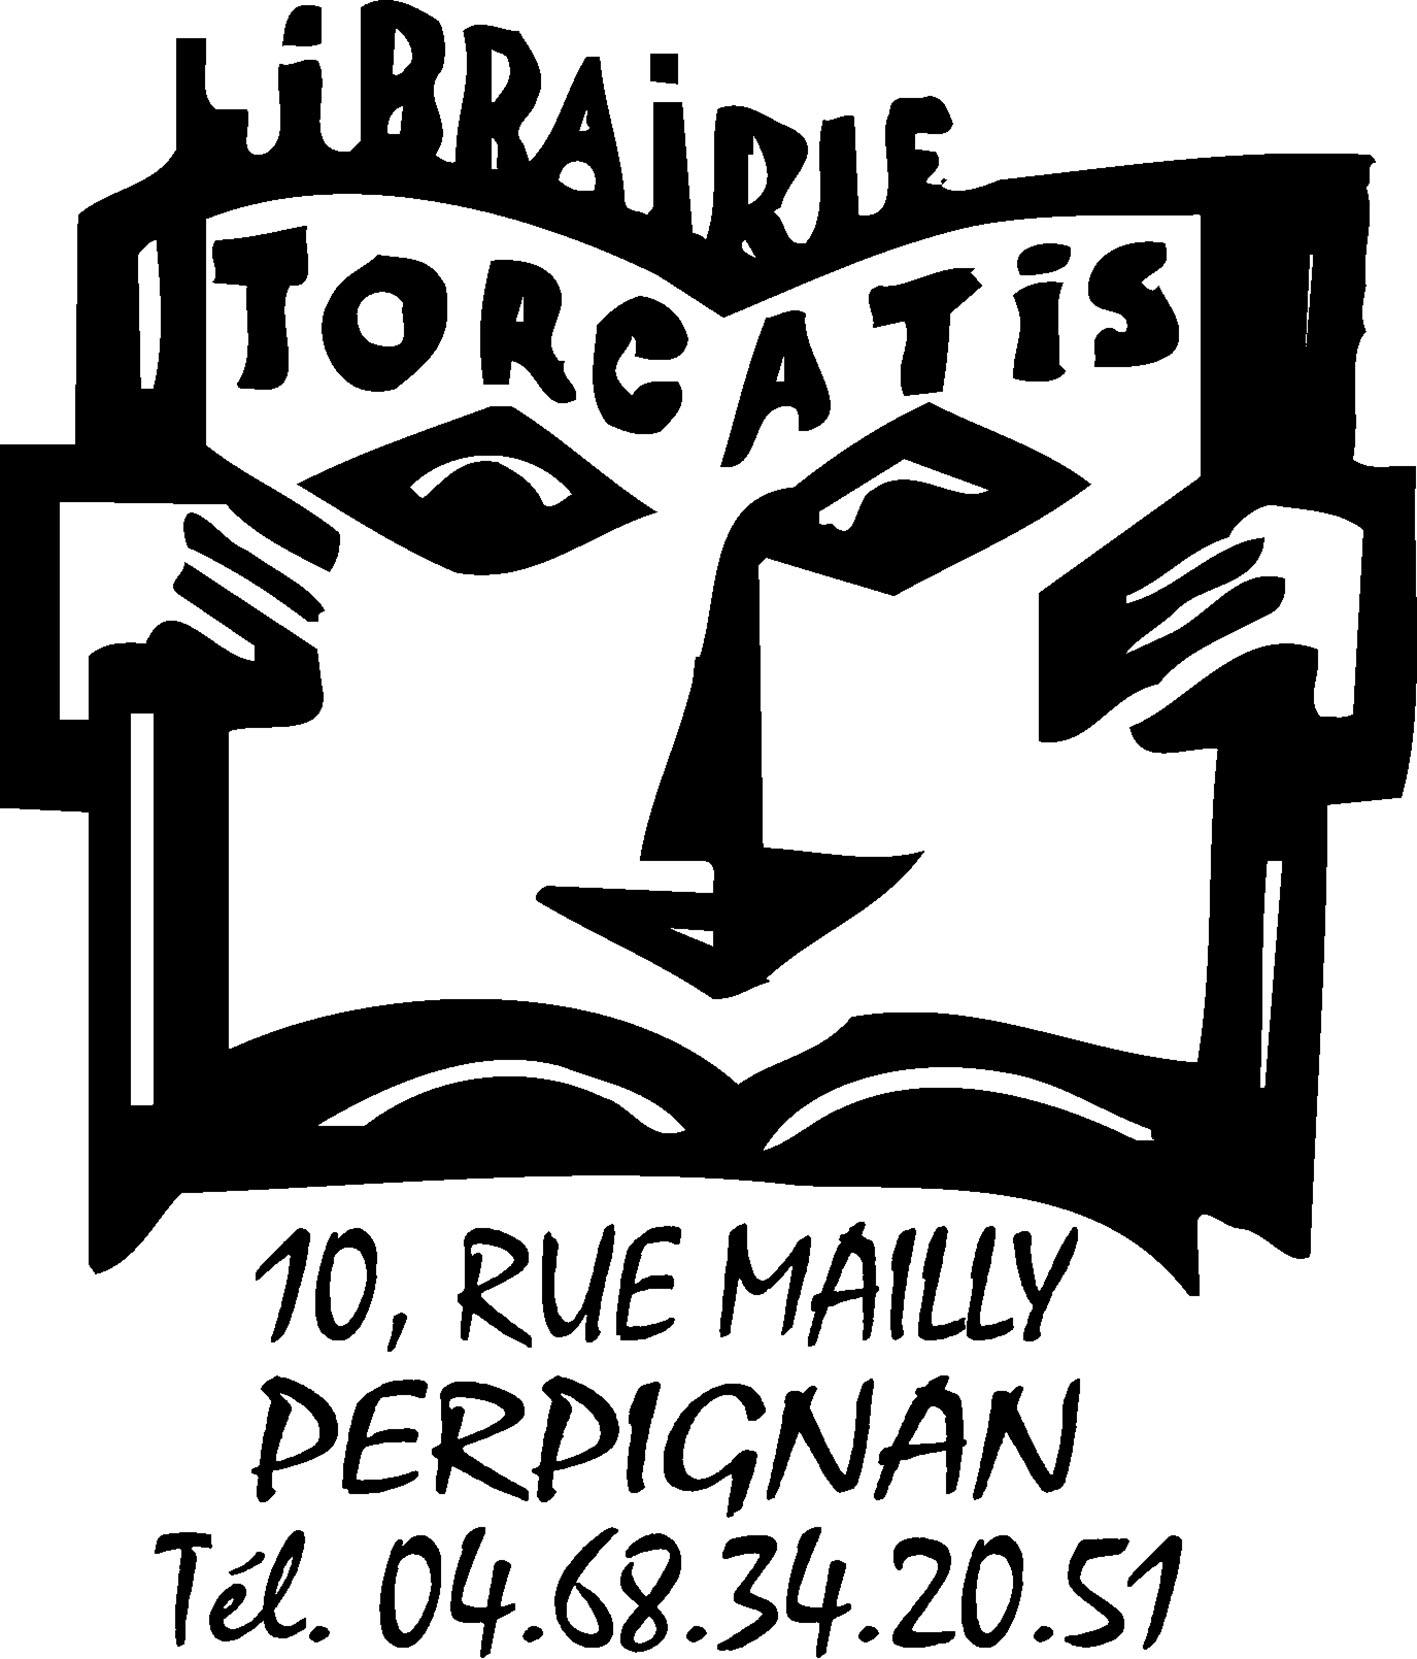 Logo Torcatis bitmap